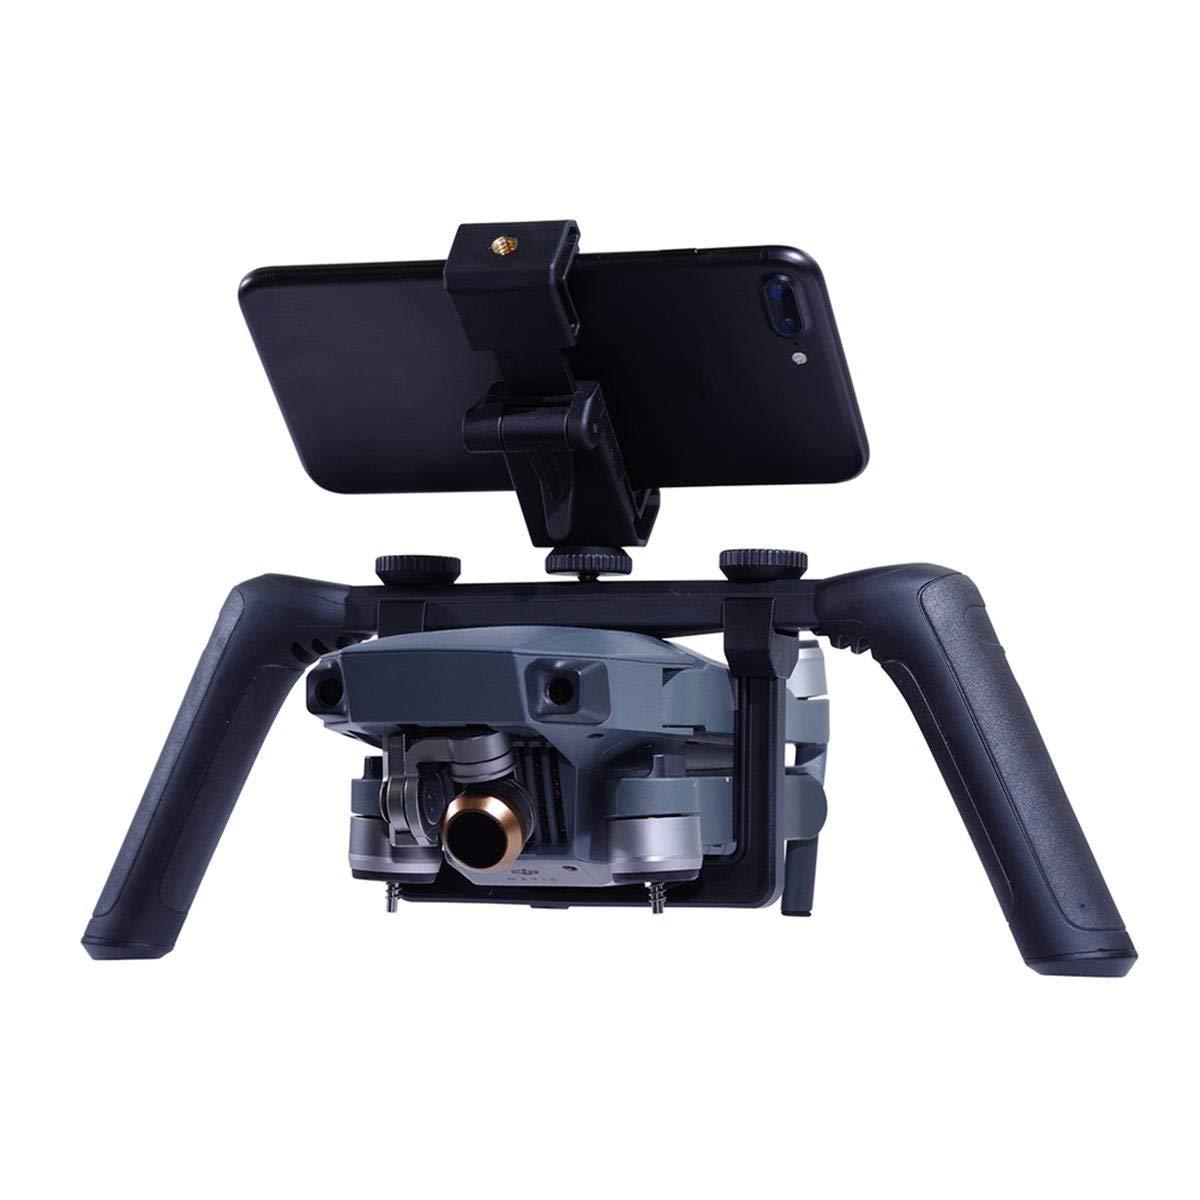 PolarPro Katana - DJI Mavic Cinema Tray with drone